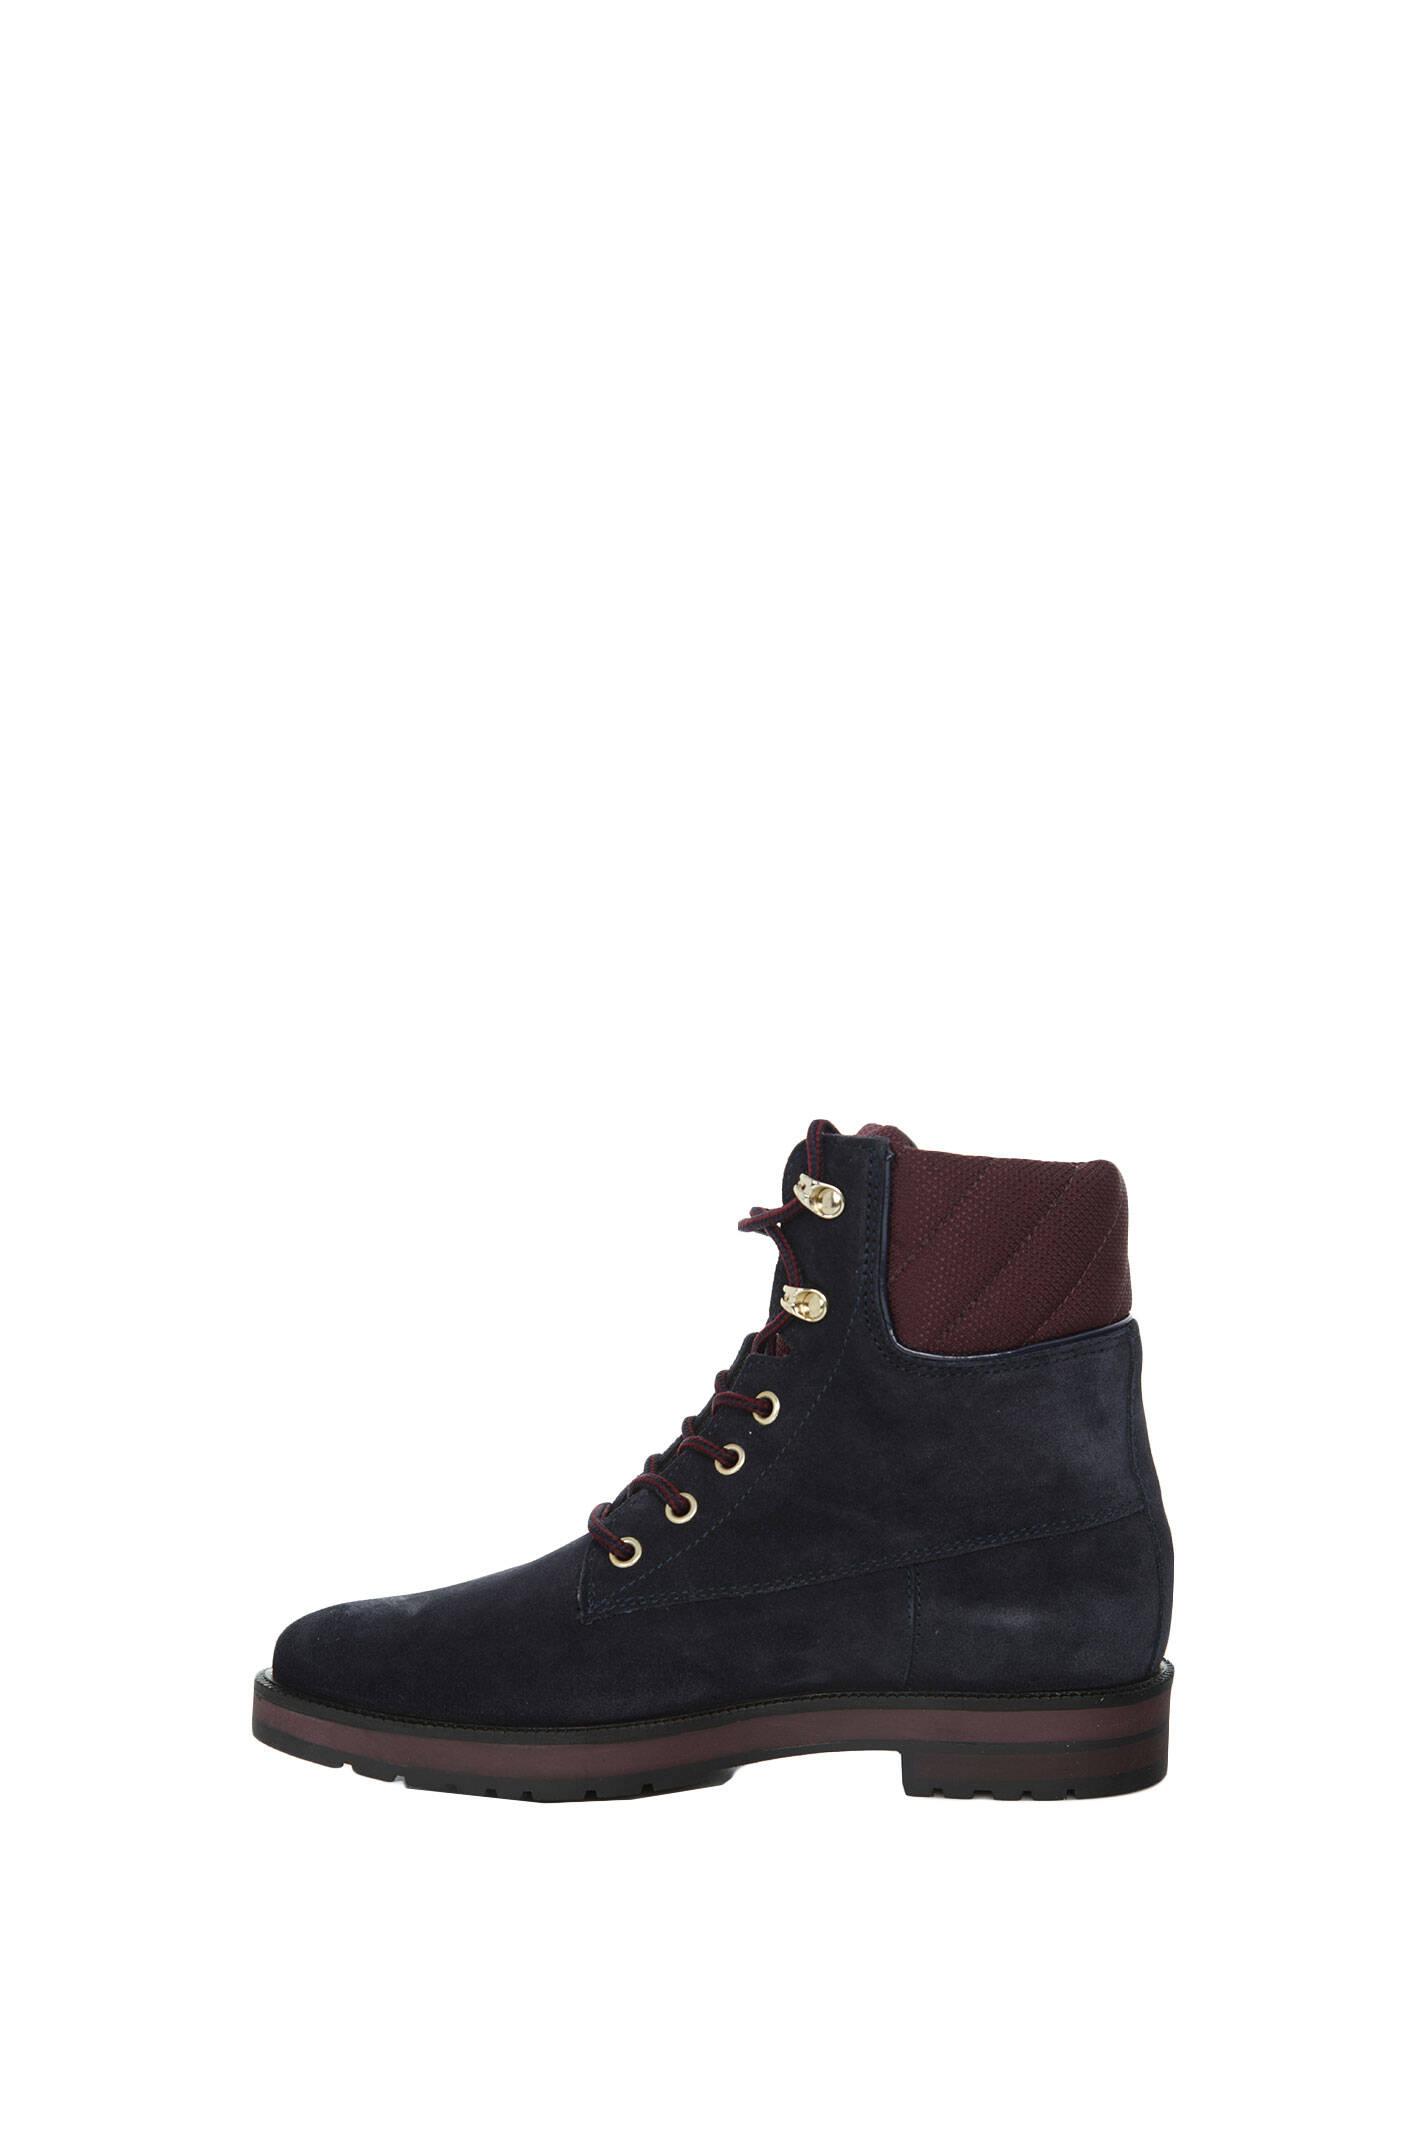 west 8b boots tommy hilfiger navy blue. Black Bedroom Furniture Sets. Home Design Ideas